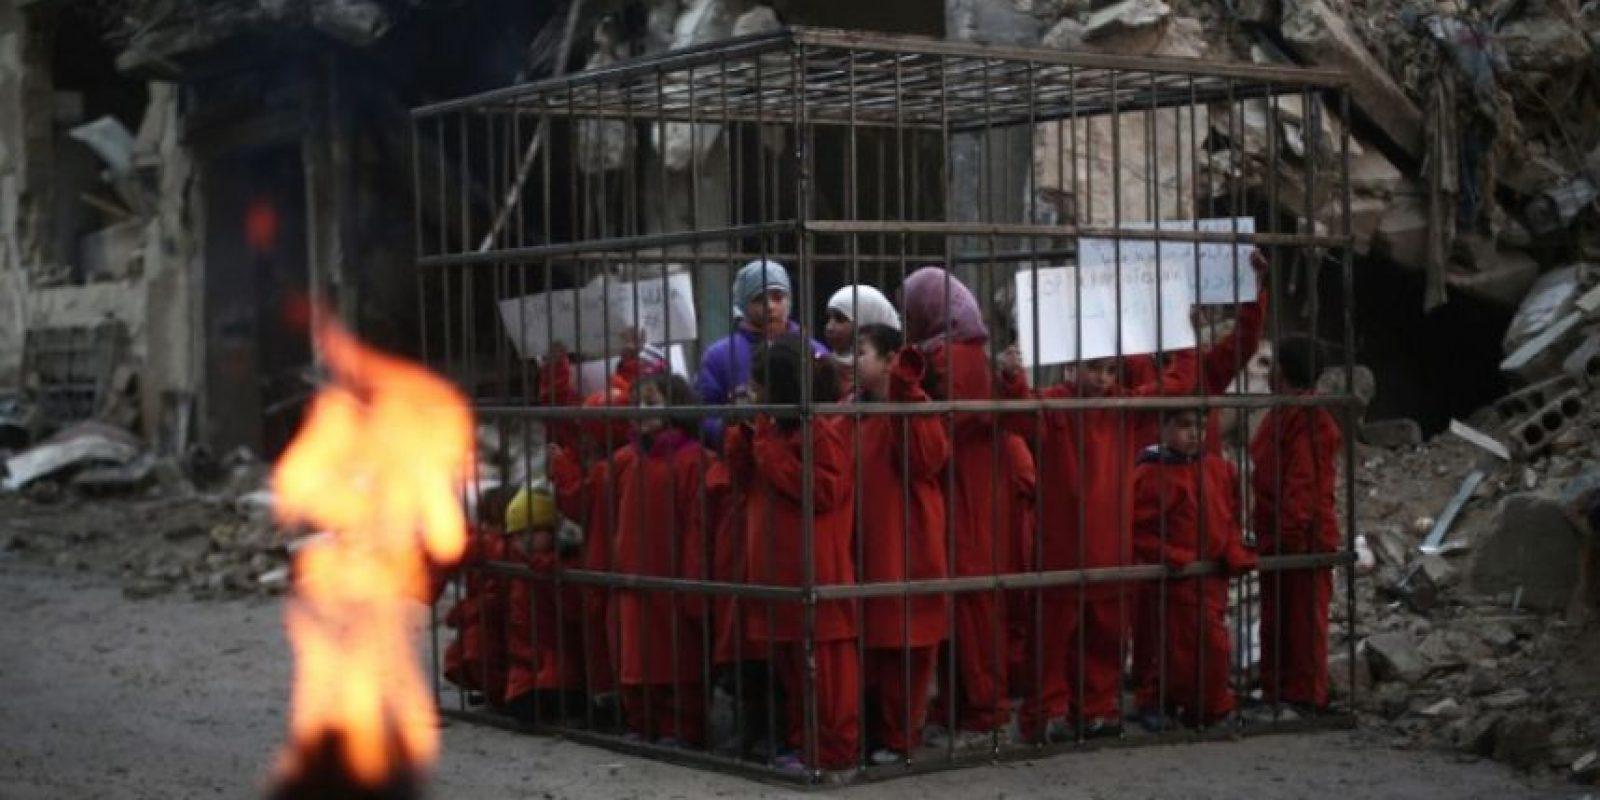 ¿Qué les ofrece Estado Islámico a los jóvenes para reclutarlos? Foto:AFP